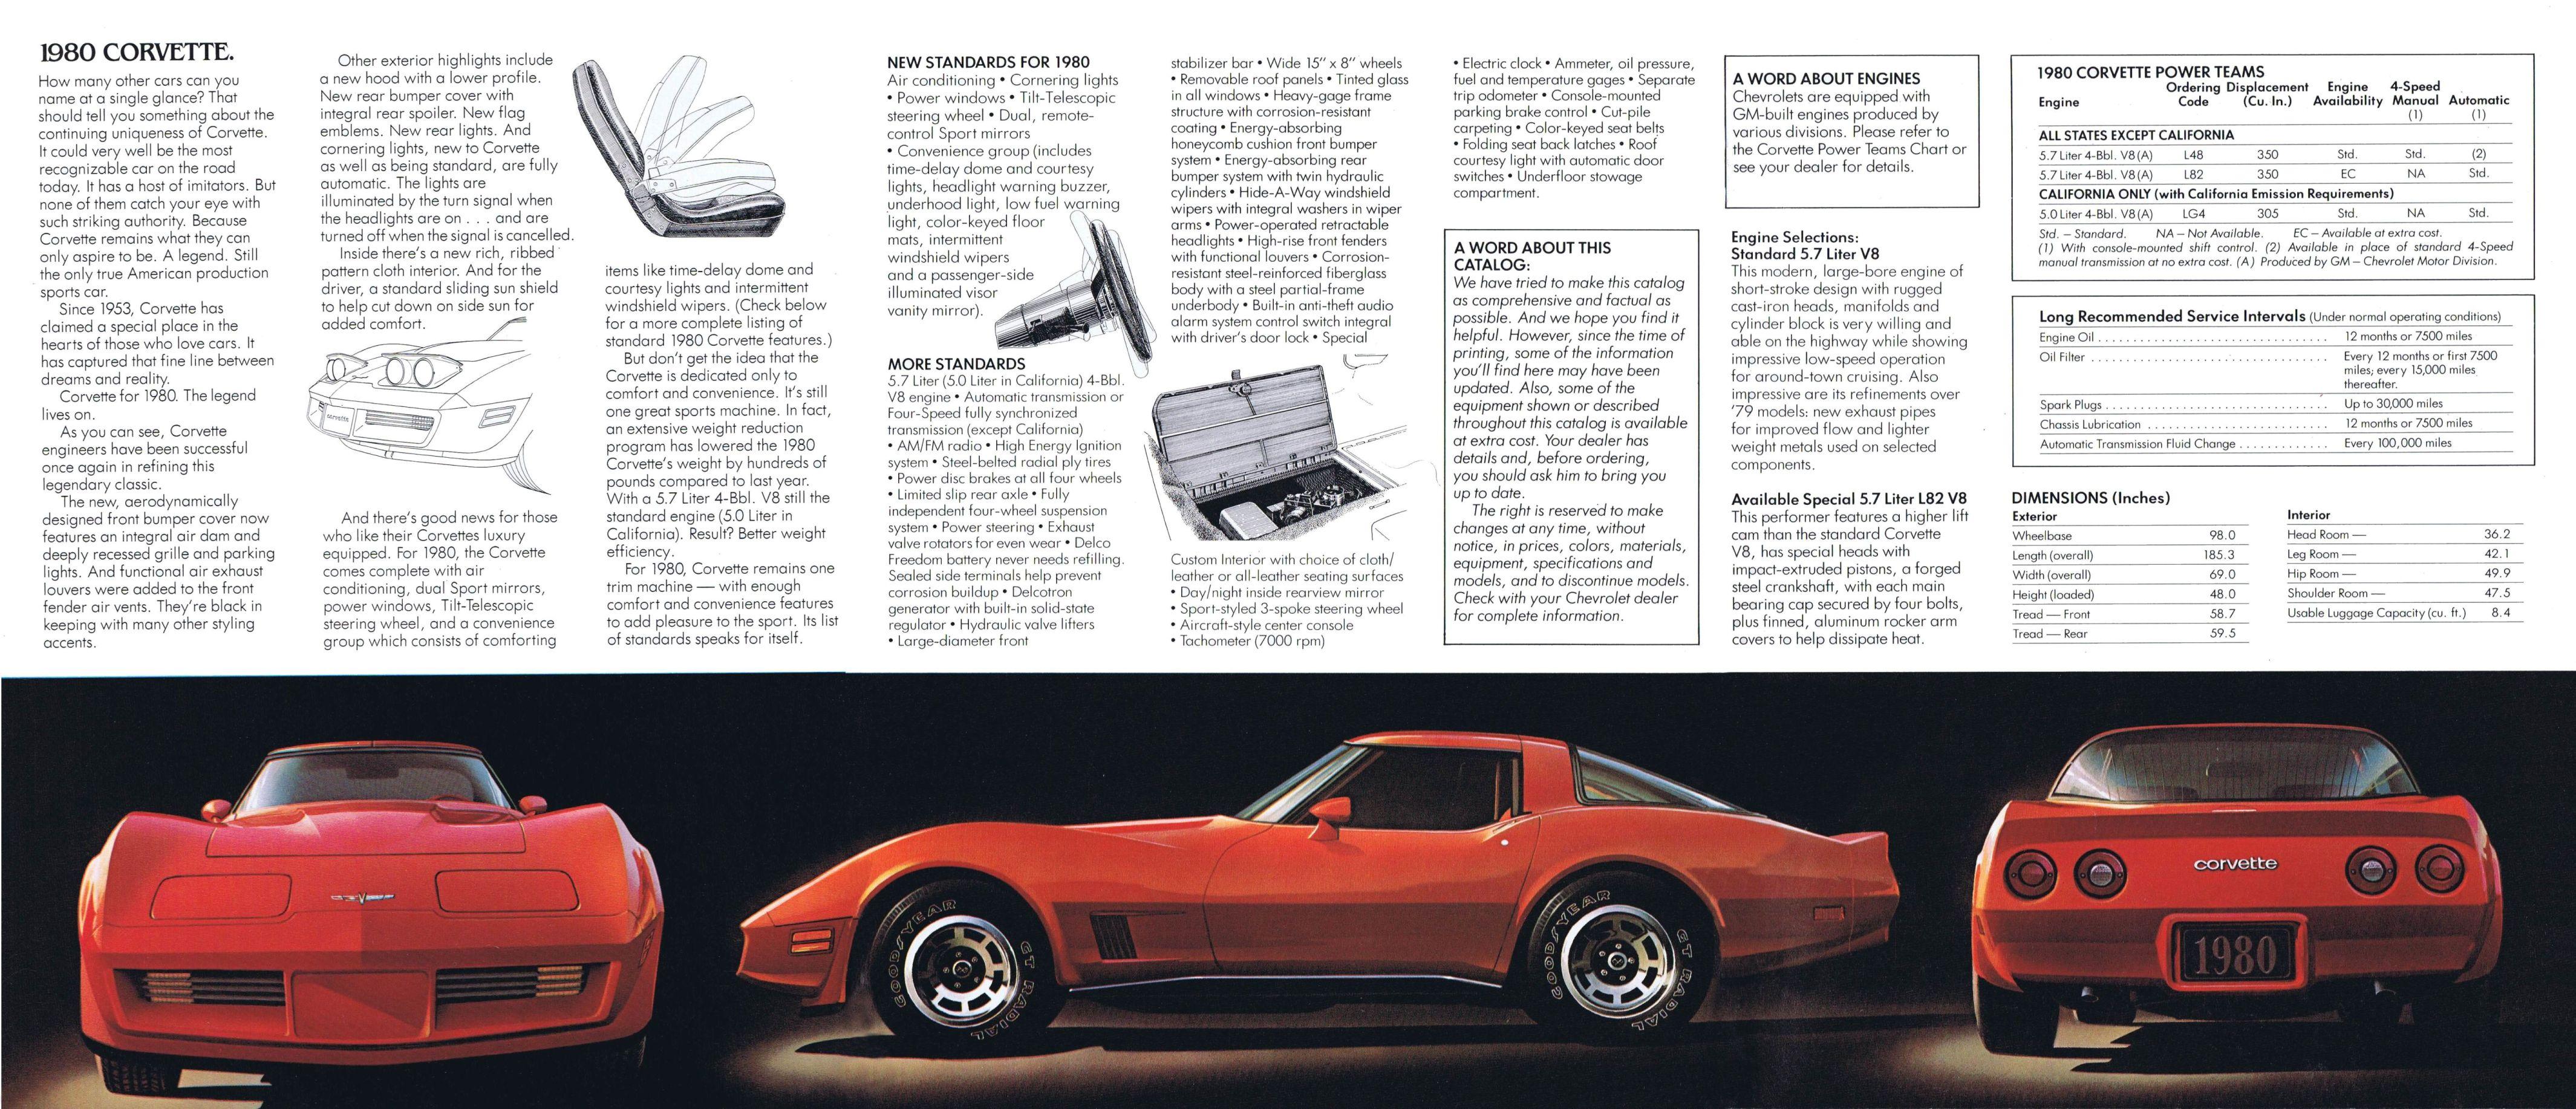 1980 Chevrolet Corvette brochure